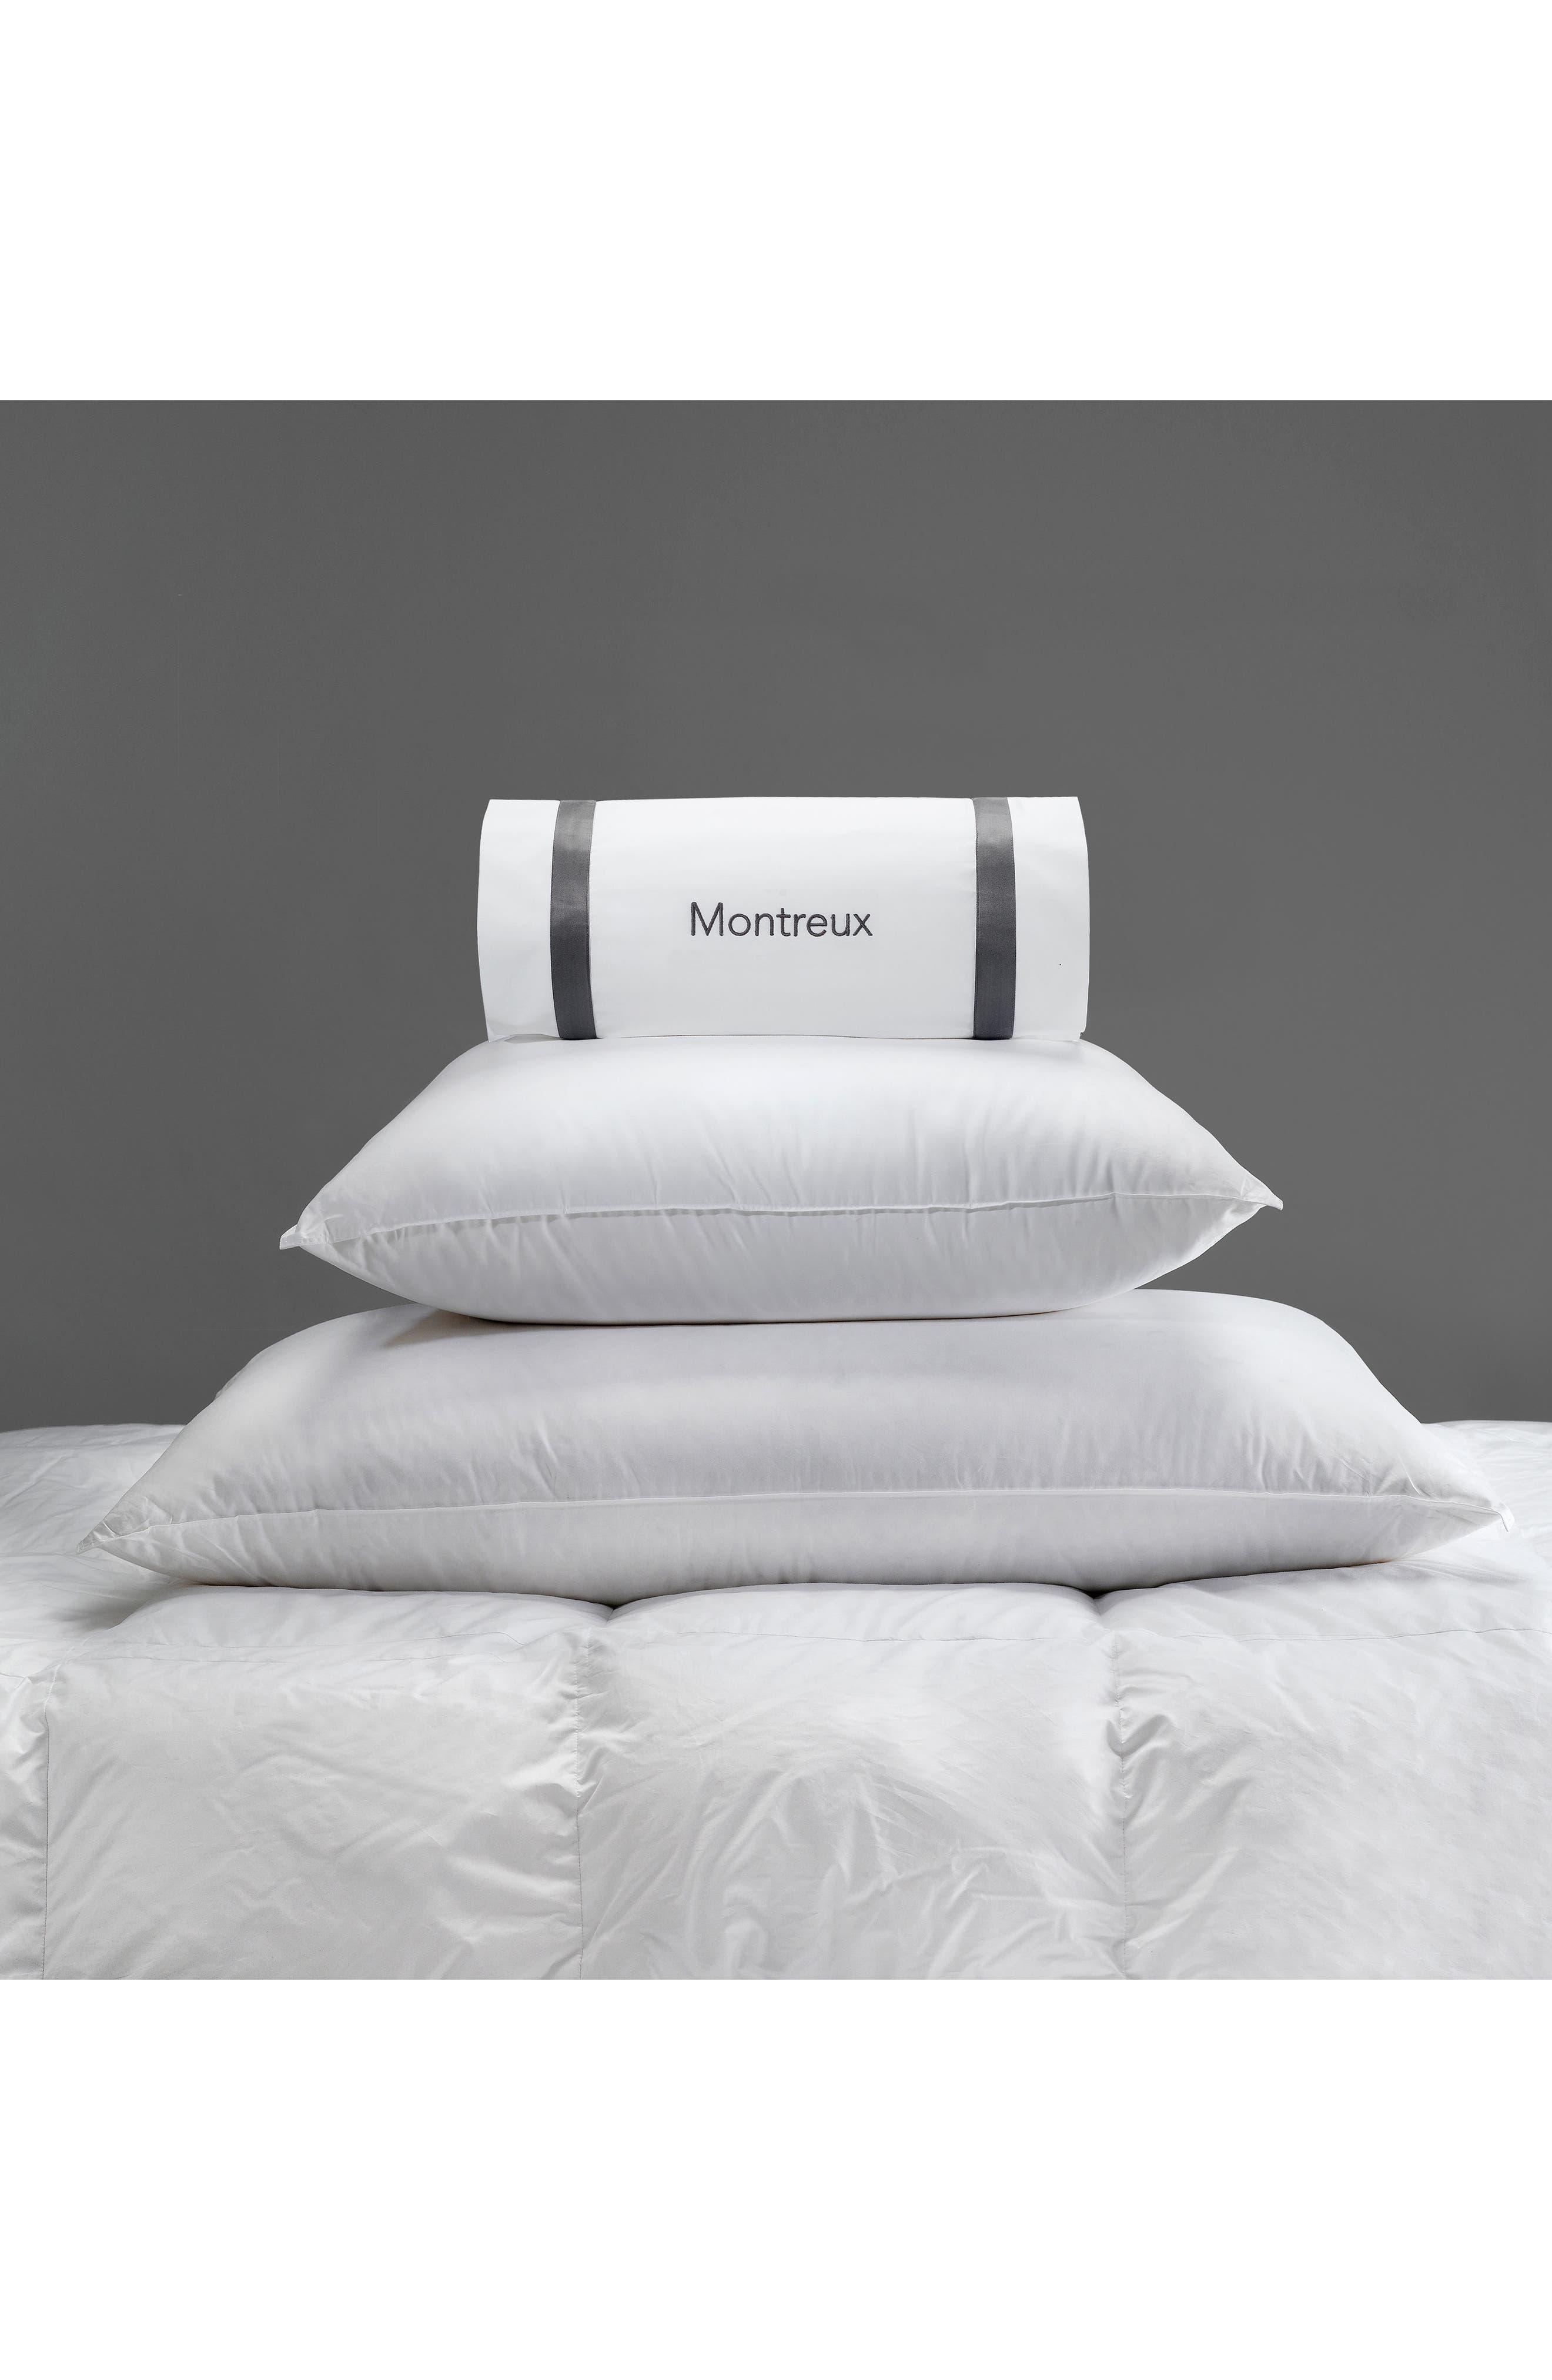 Montreux 280 Thread Count Boudoir Pillow,                             Alternate thumbnail 2, color,                             White